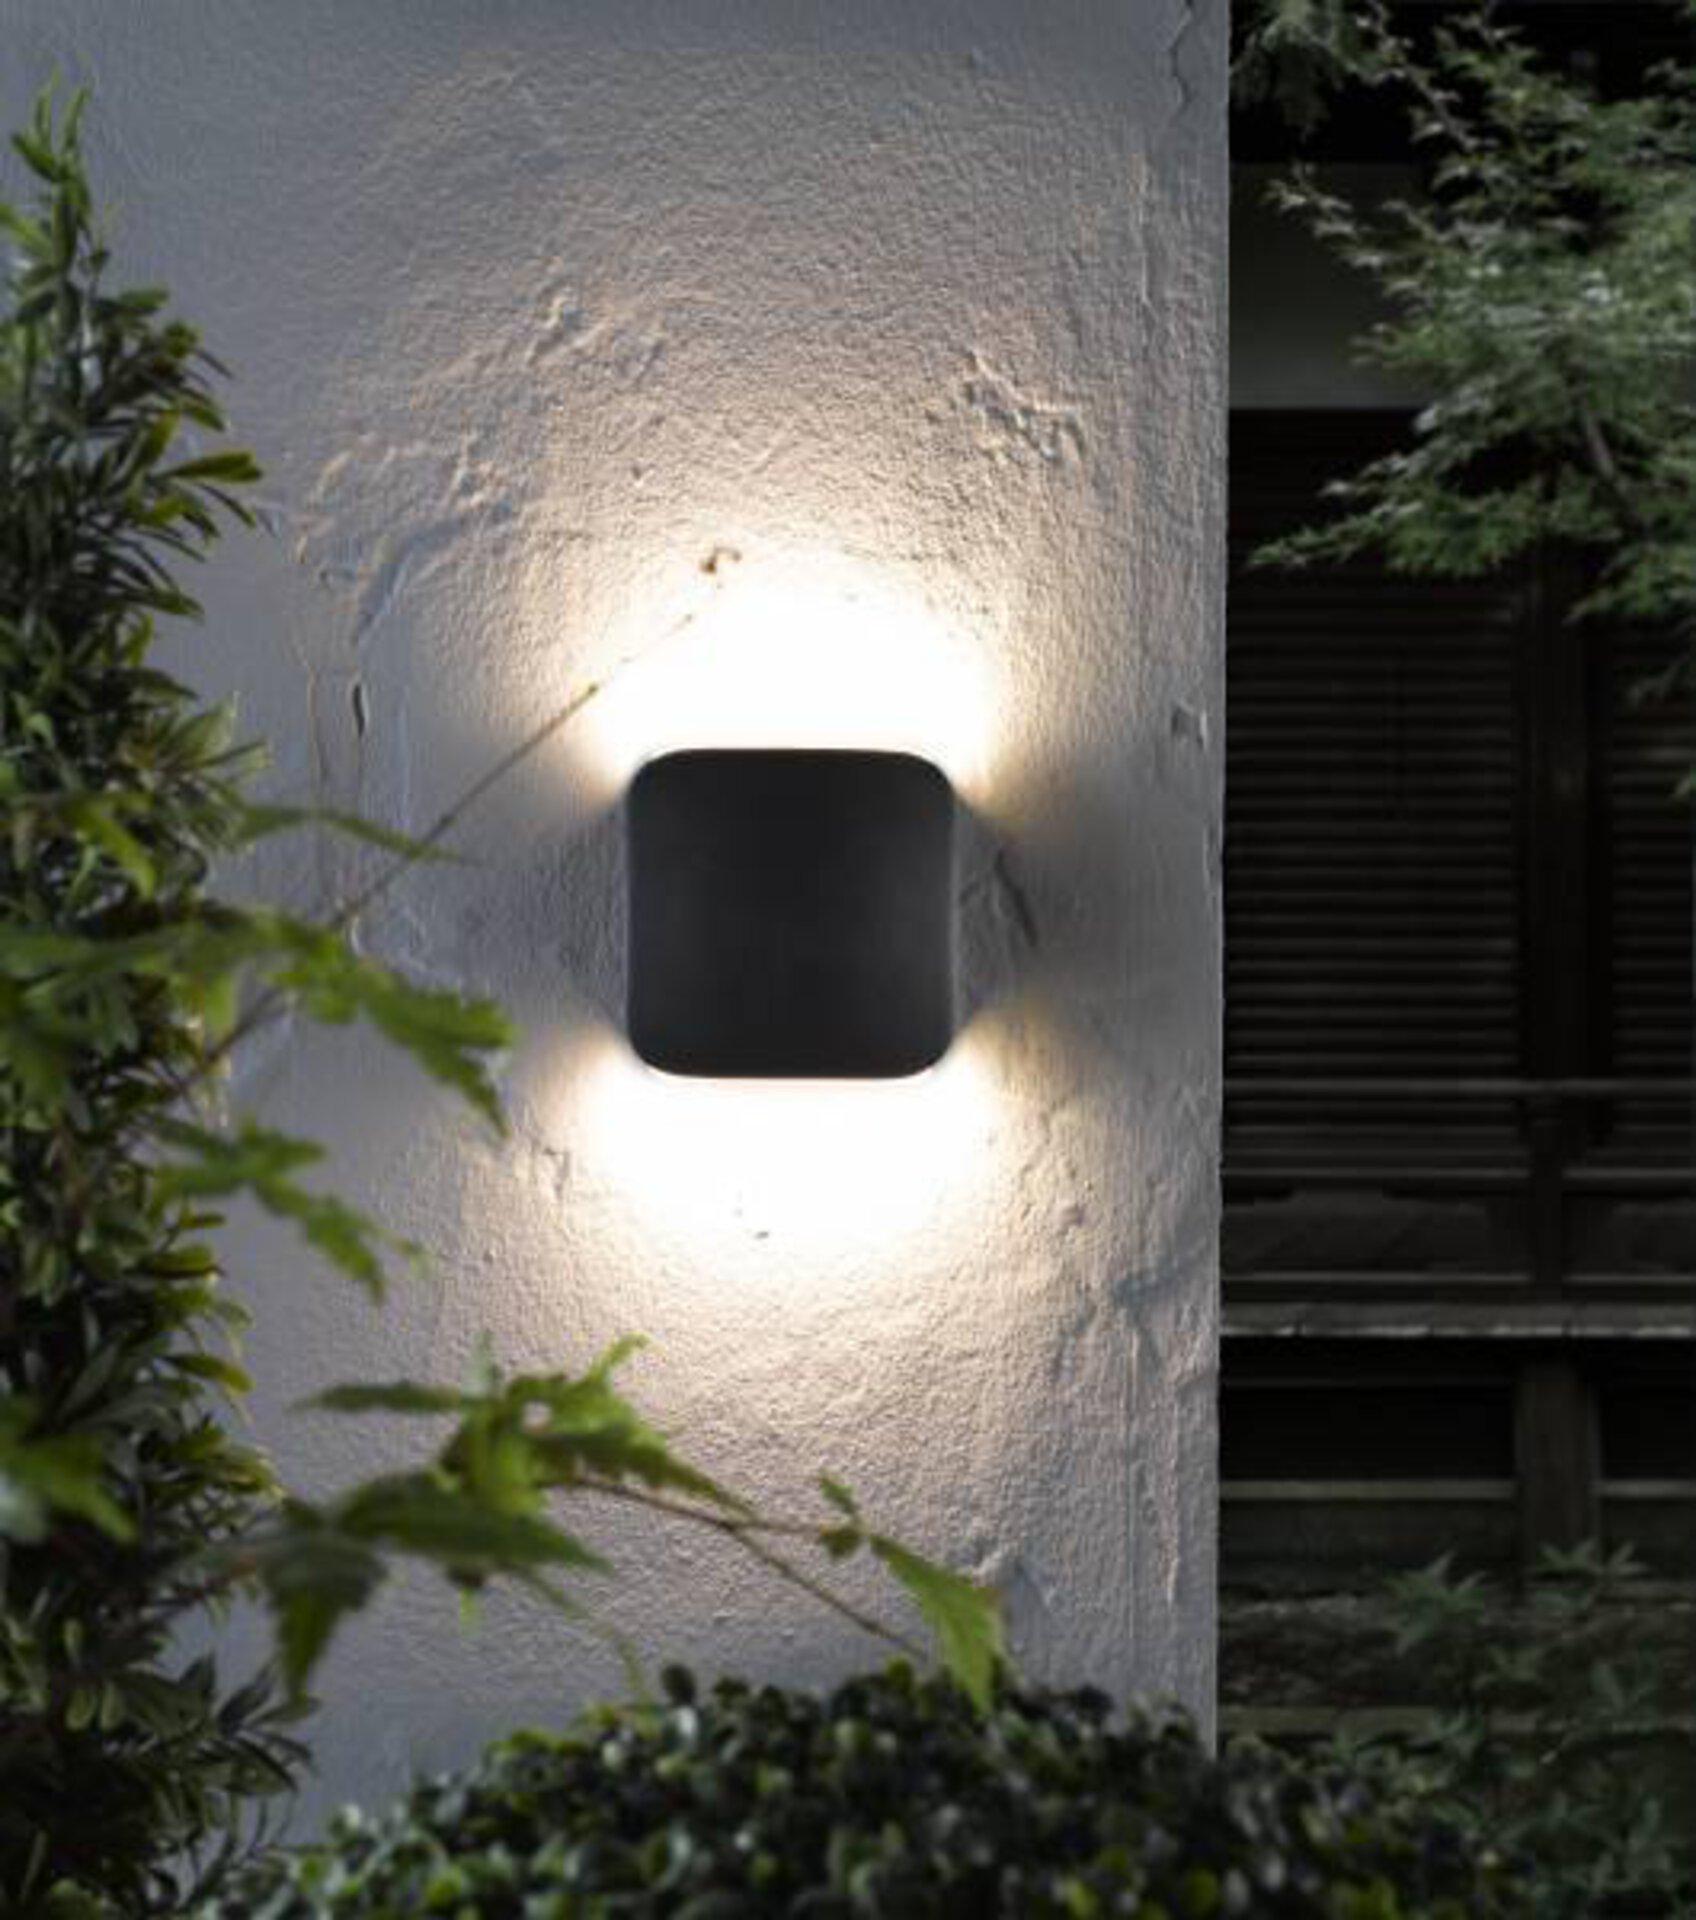 Wand-Aussenleuchte Pebble Casa Nova Metall 13 x 13 x 3 cm